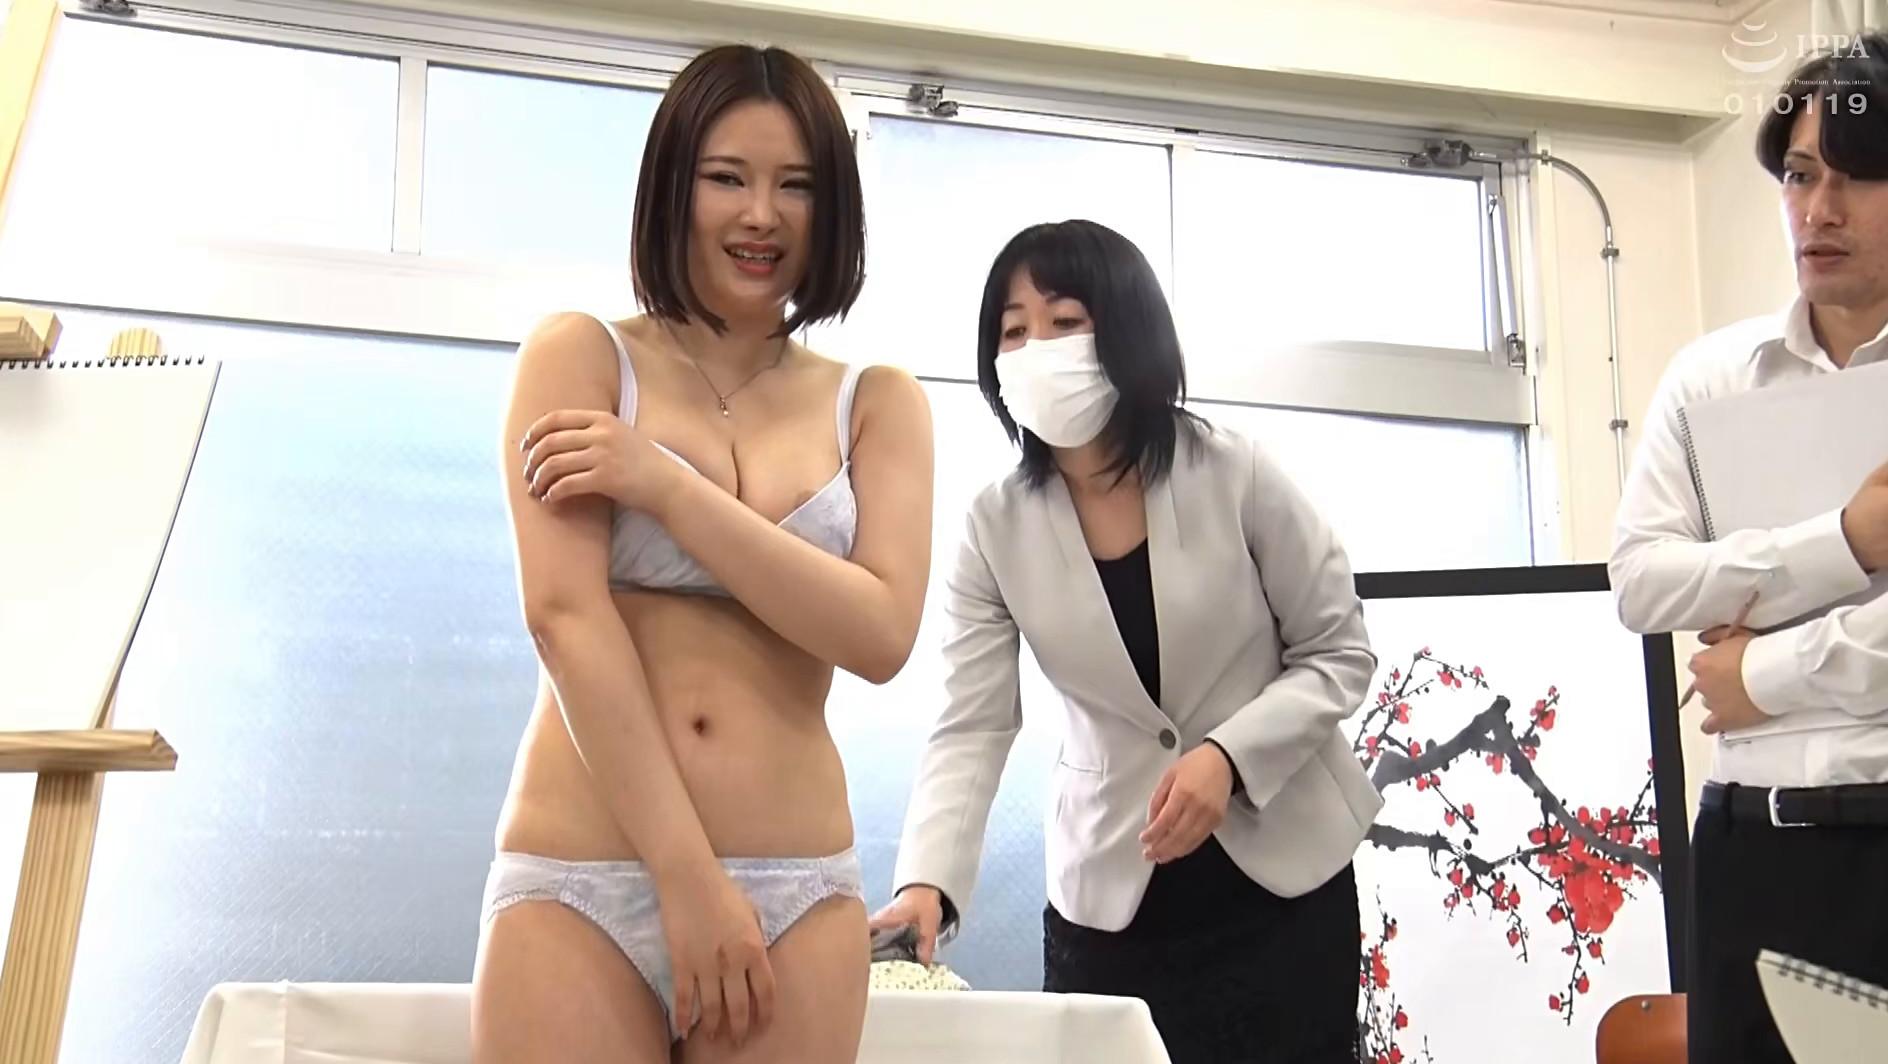 羞恥!春画のデッサンモデルにされる新任女教師! 皆川るい 画像3